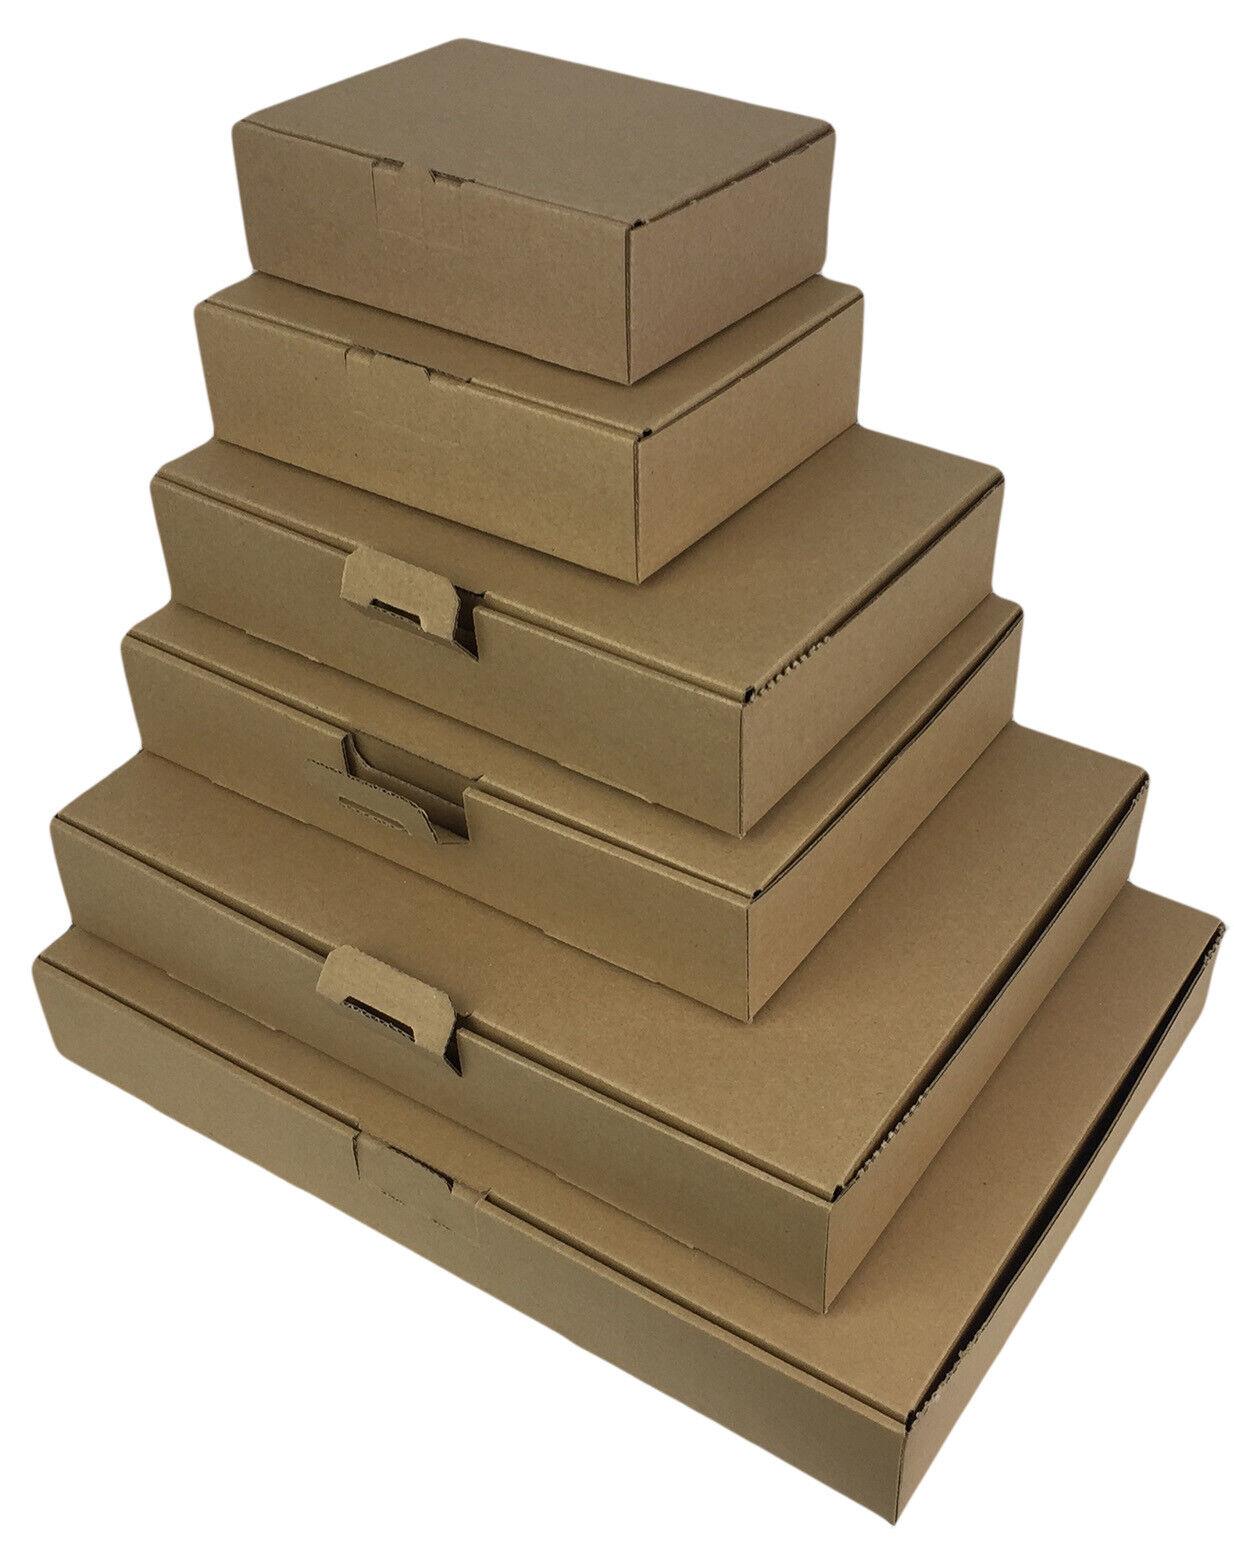 25 Lettera Maxi Cartoni Scatole 180 x 130 x 50 mm Din a6//b6 Spedizione Merci Marrone